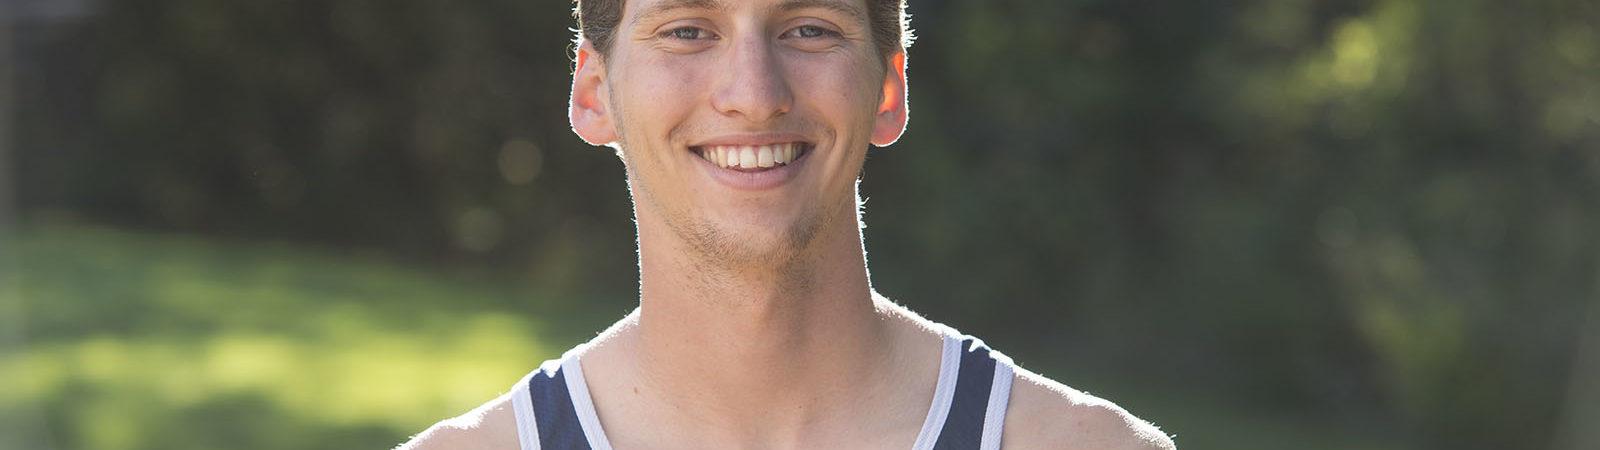 Alec Drakenberg